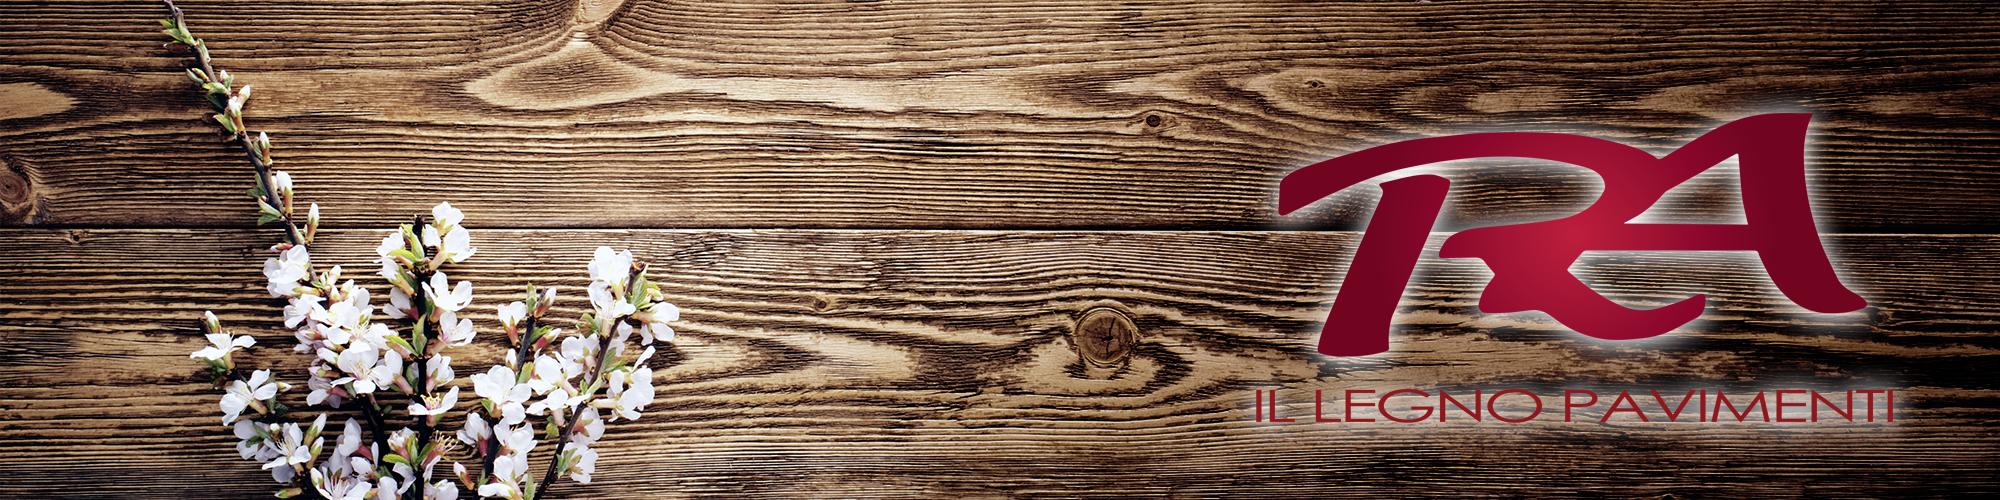 ra-legno-parquet-borgosesia-vercelli